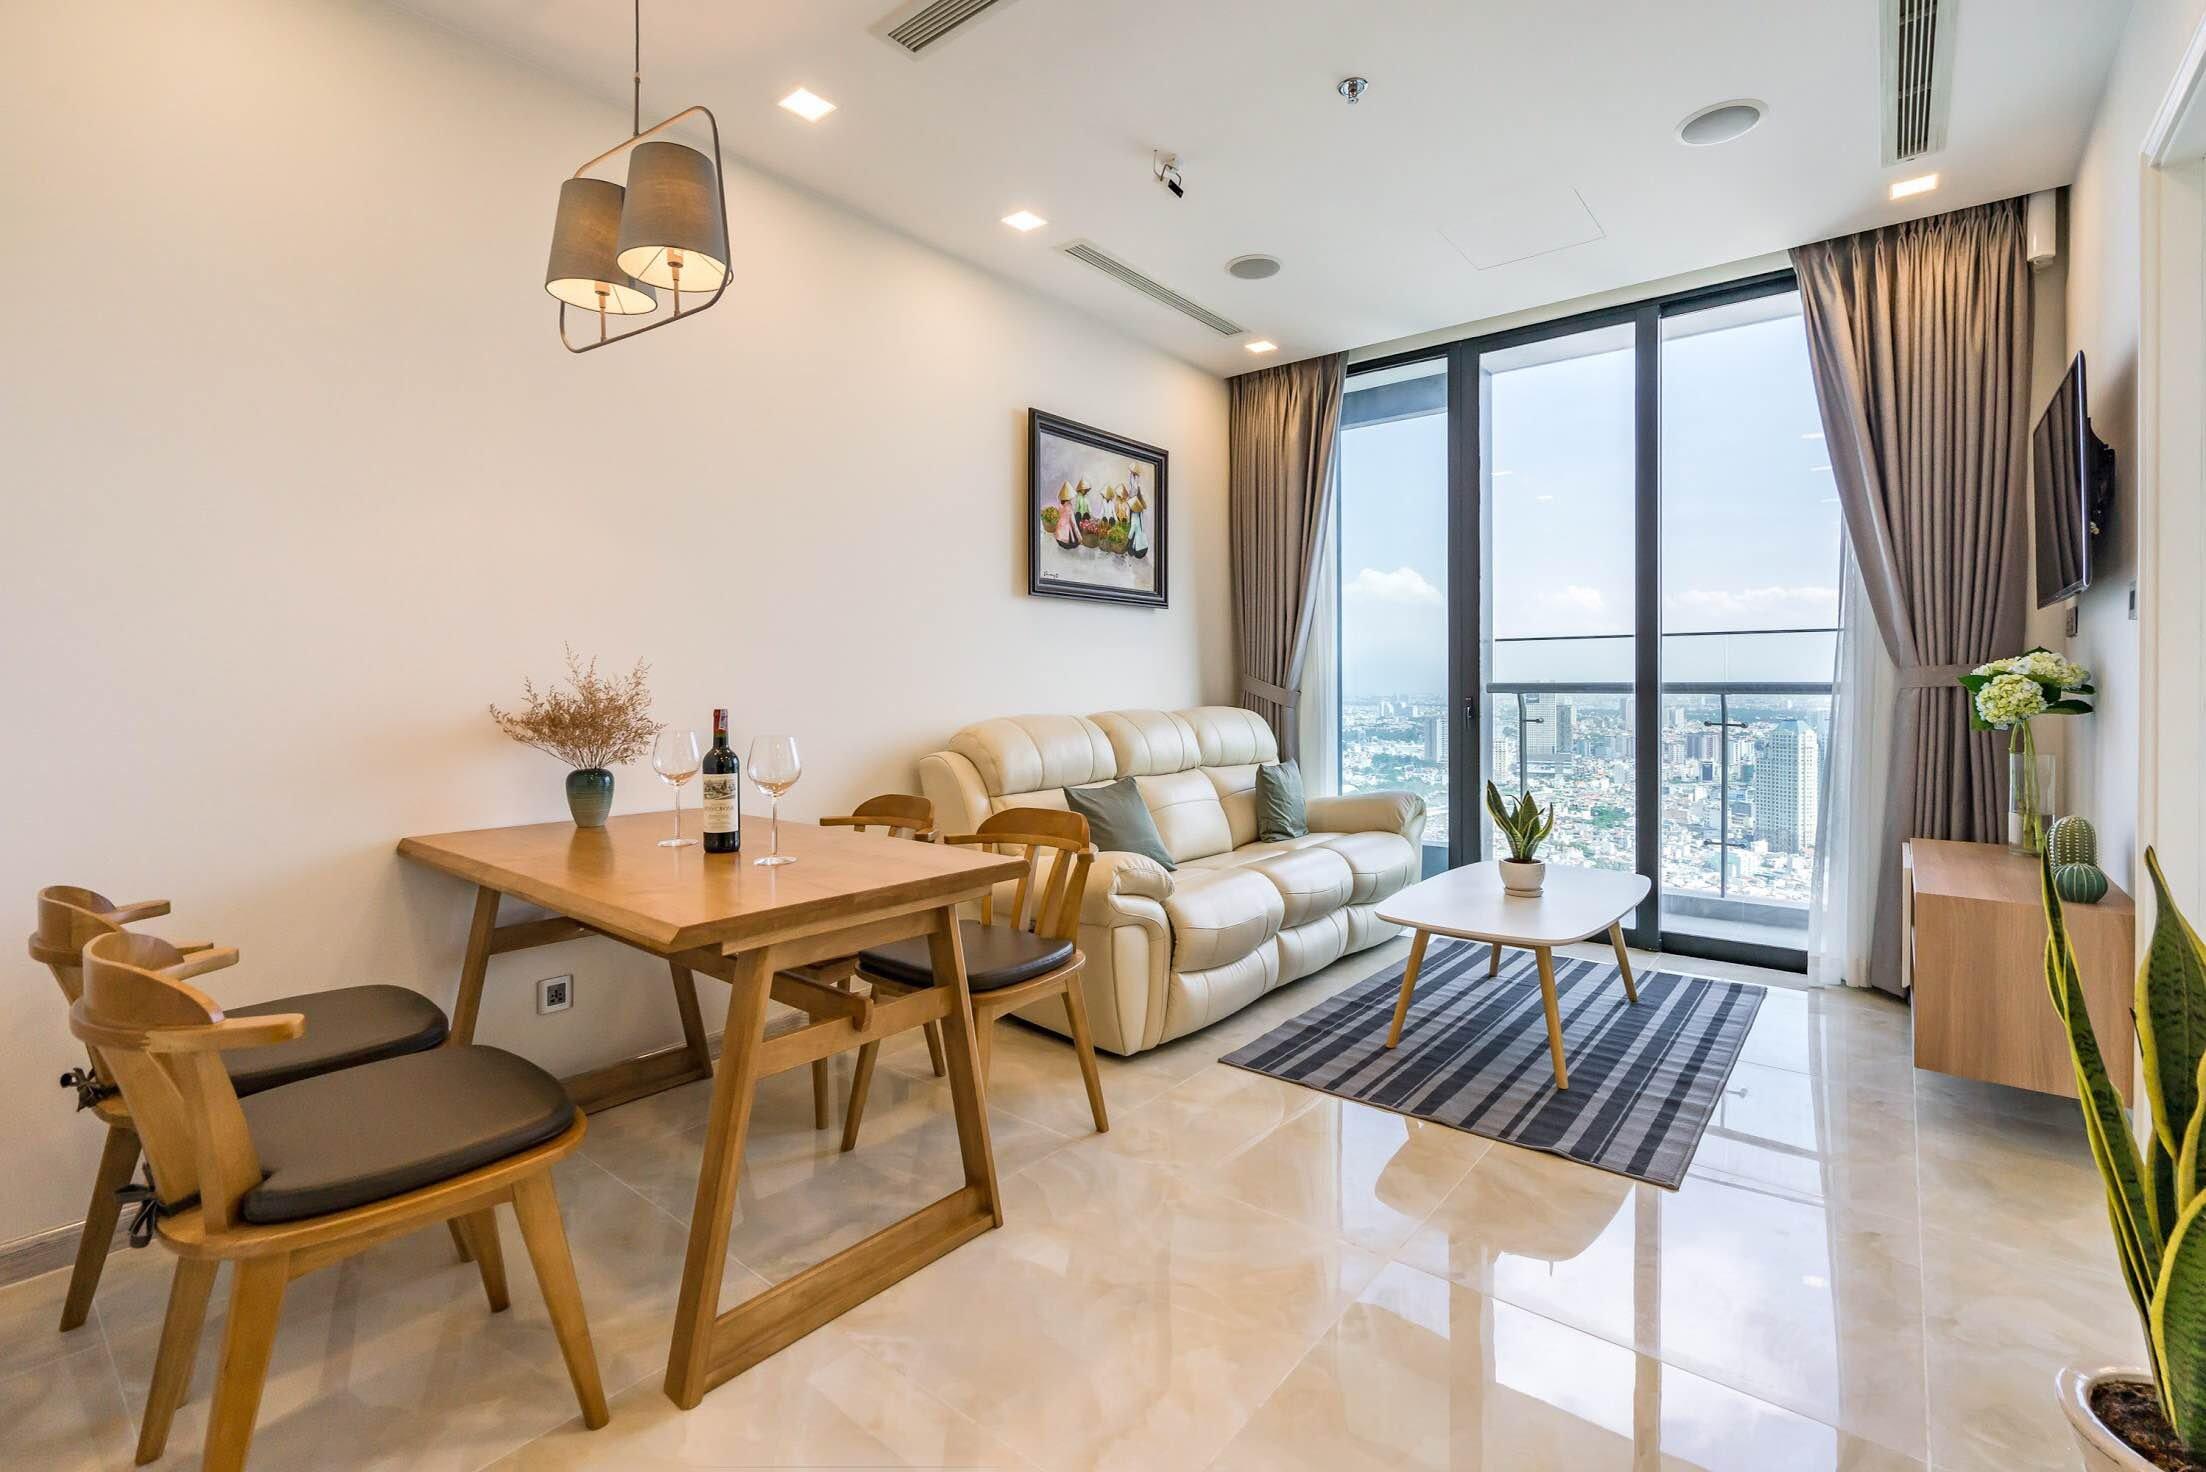 VGR98089 - Vinhomes Golden River Apartment For Rent & Sale Ho Chi Minh